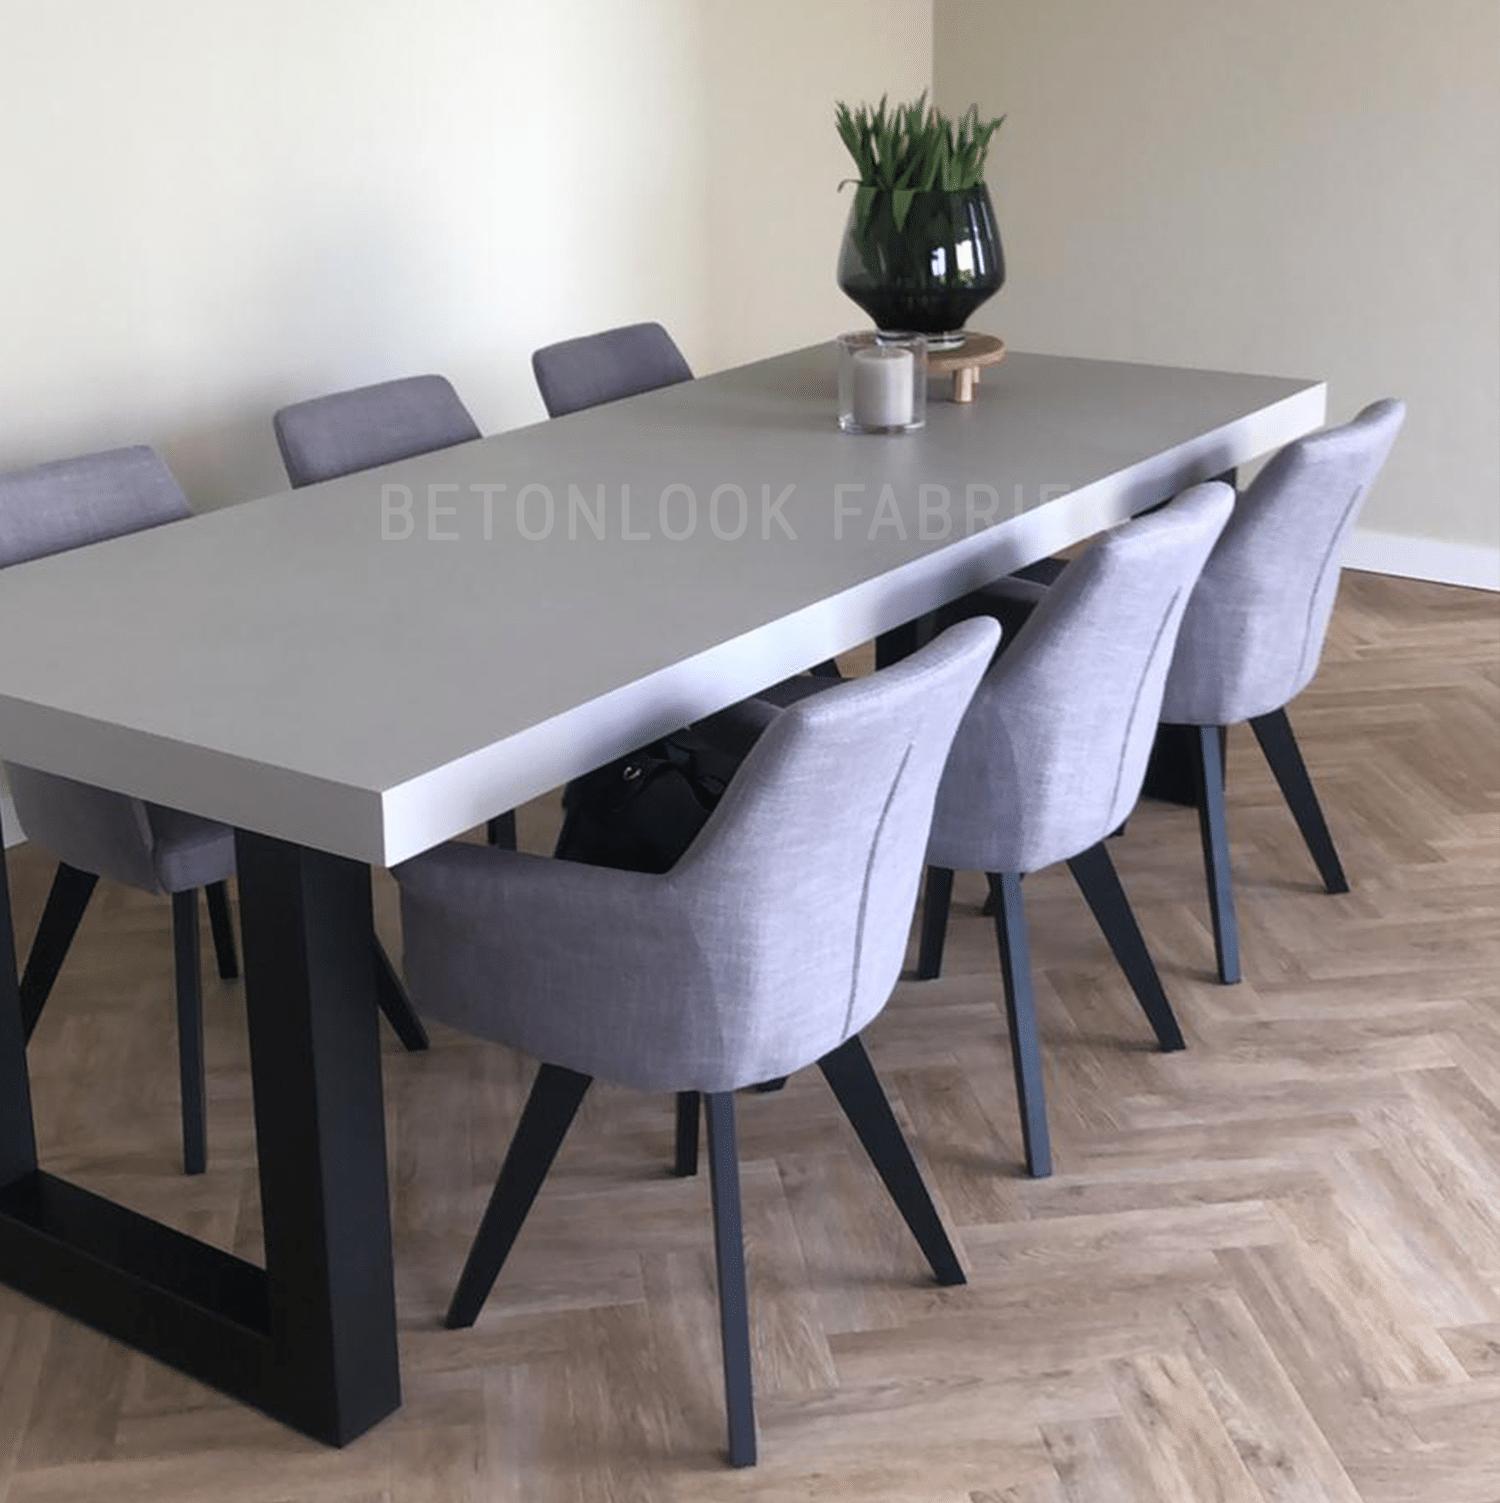 Wat is een beton tafel?